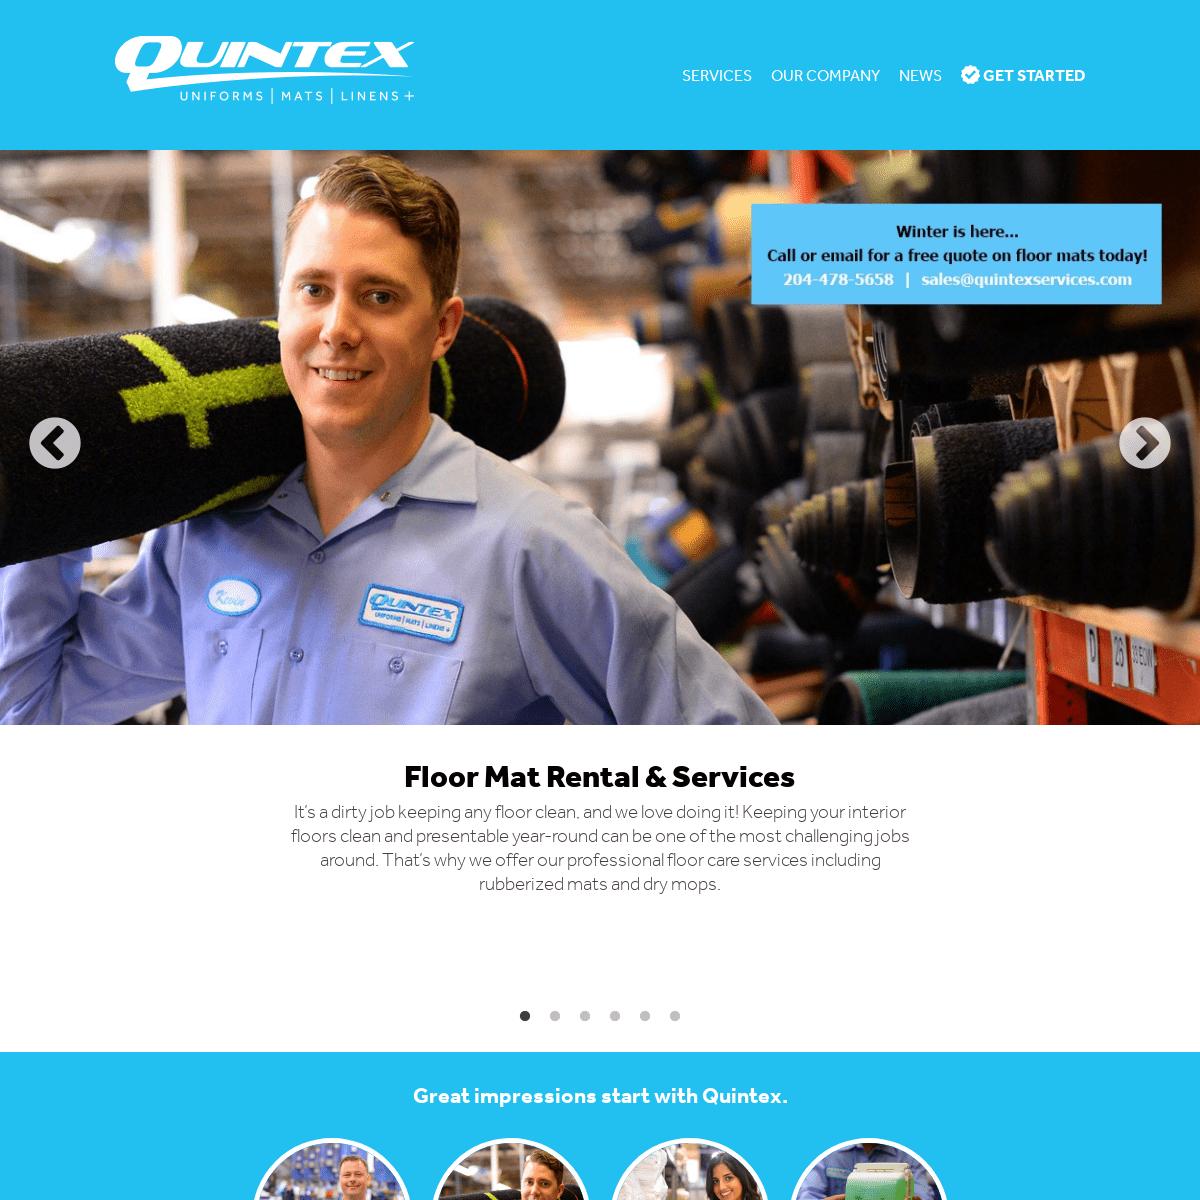 Quintex Services